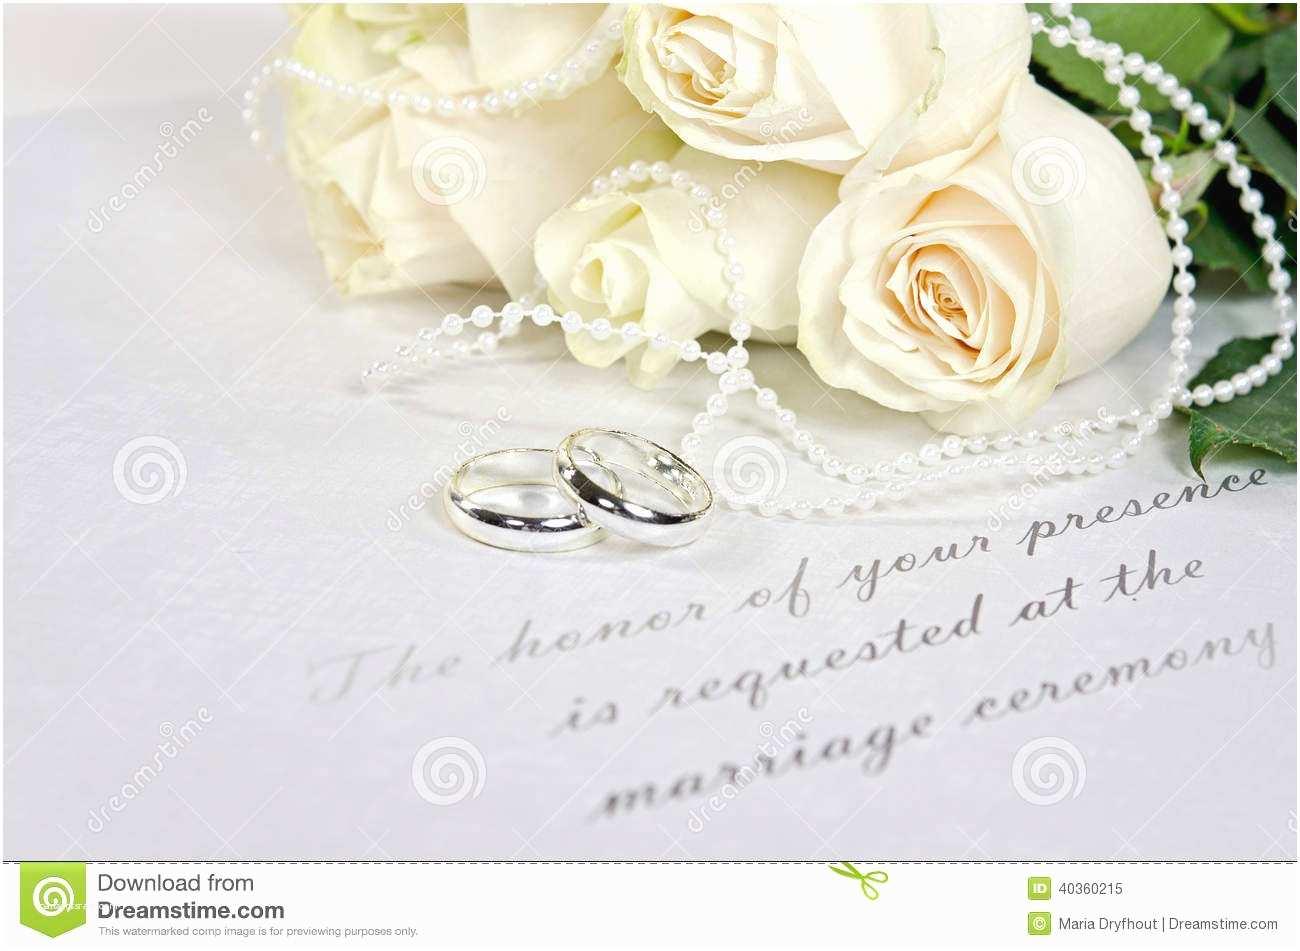 Carte Blanche Design Wedding Invitations White Rose Wedding Invitation White Rose Bouquet and